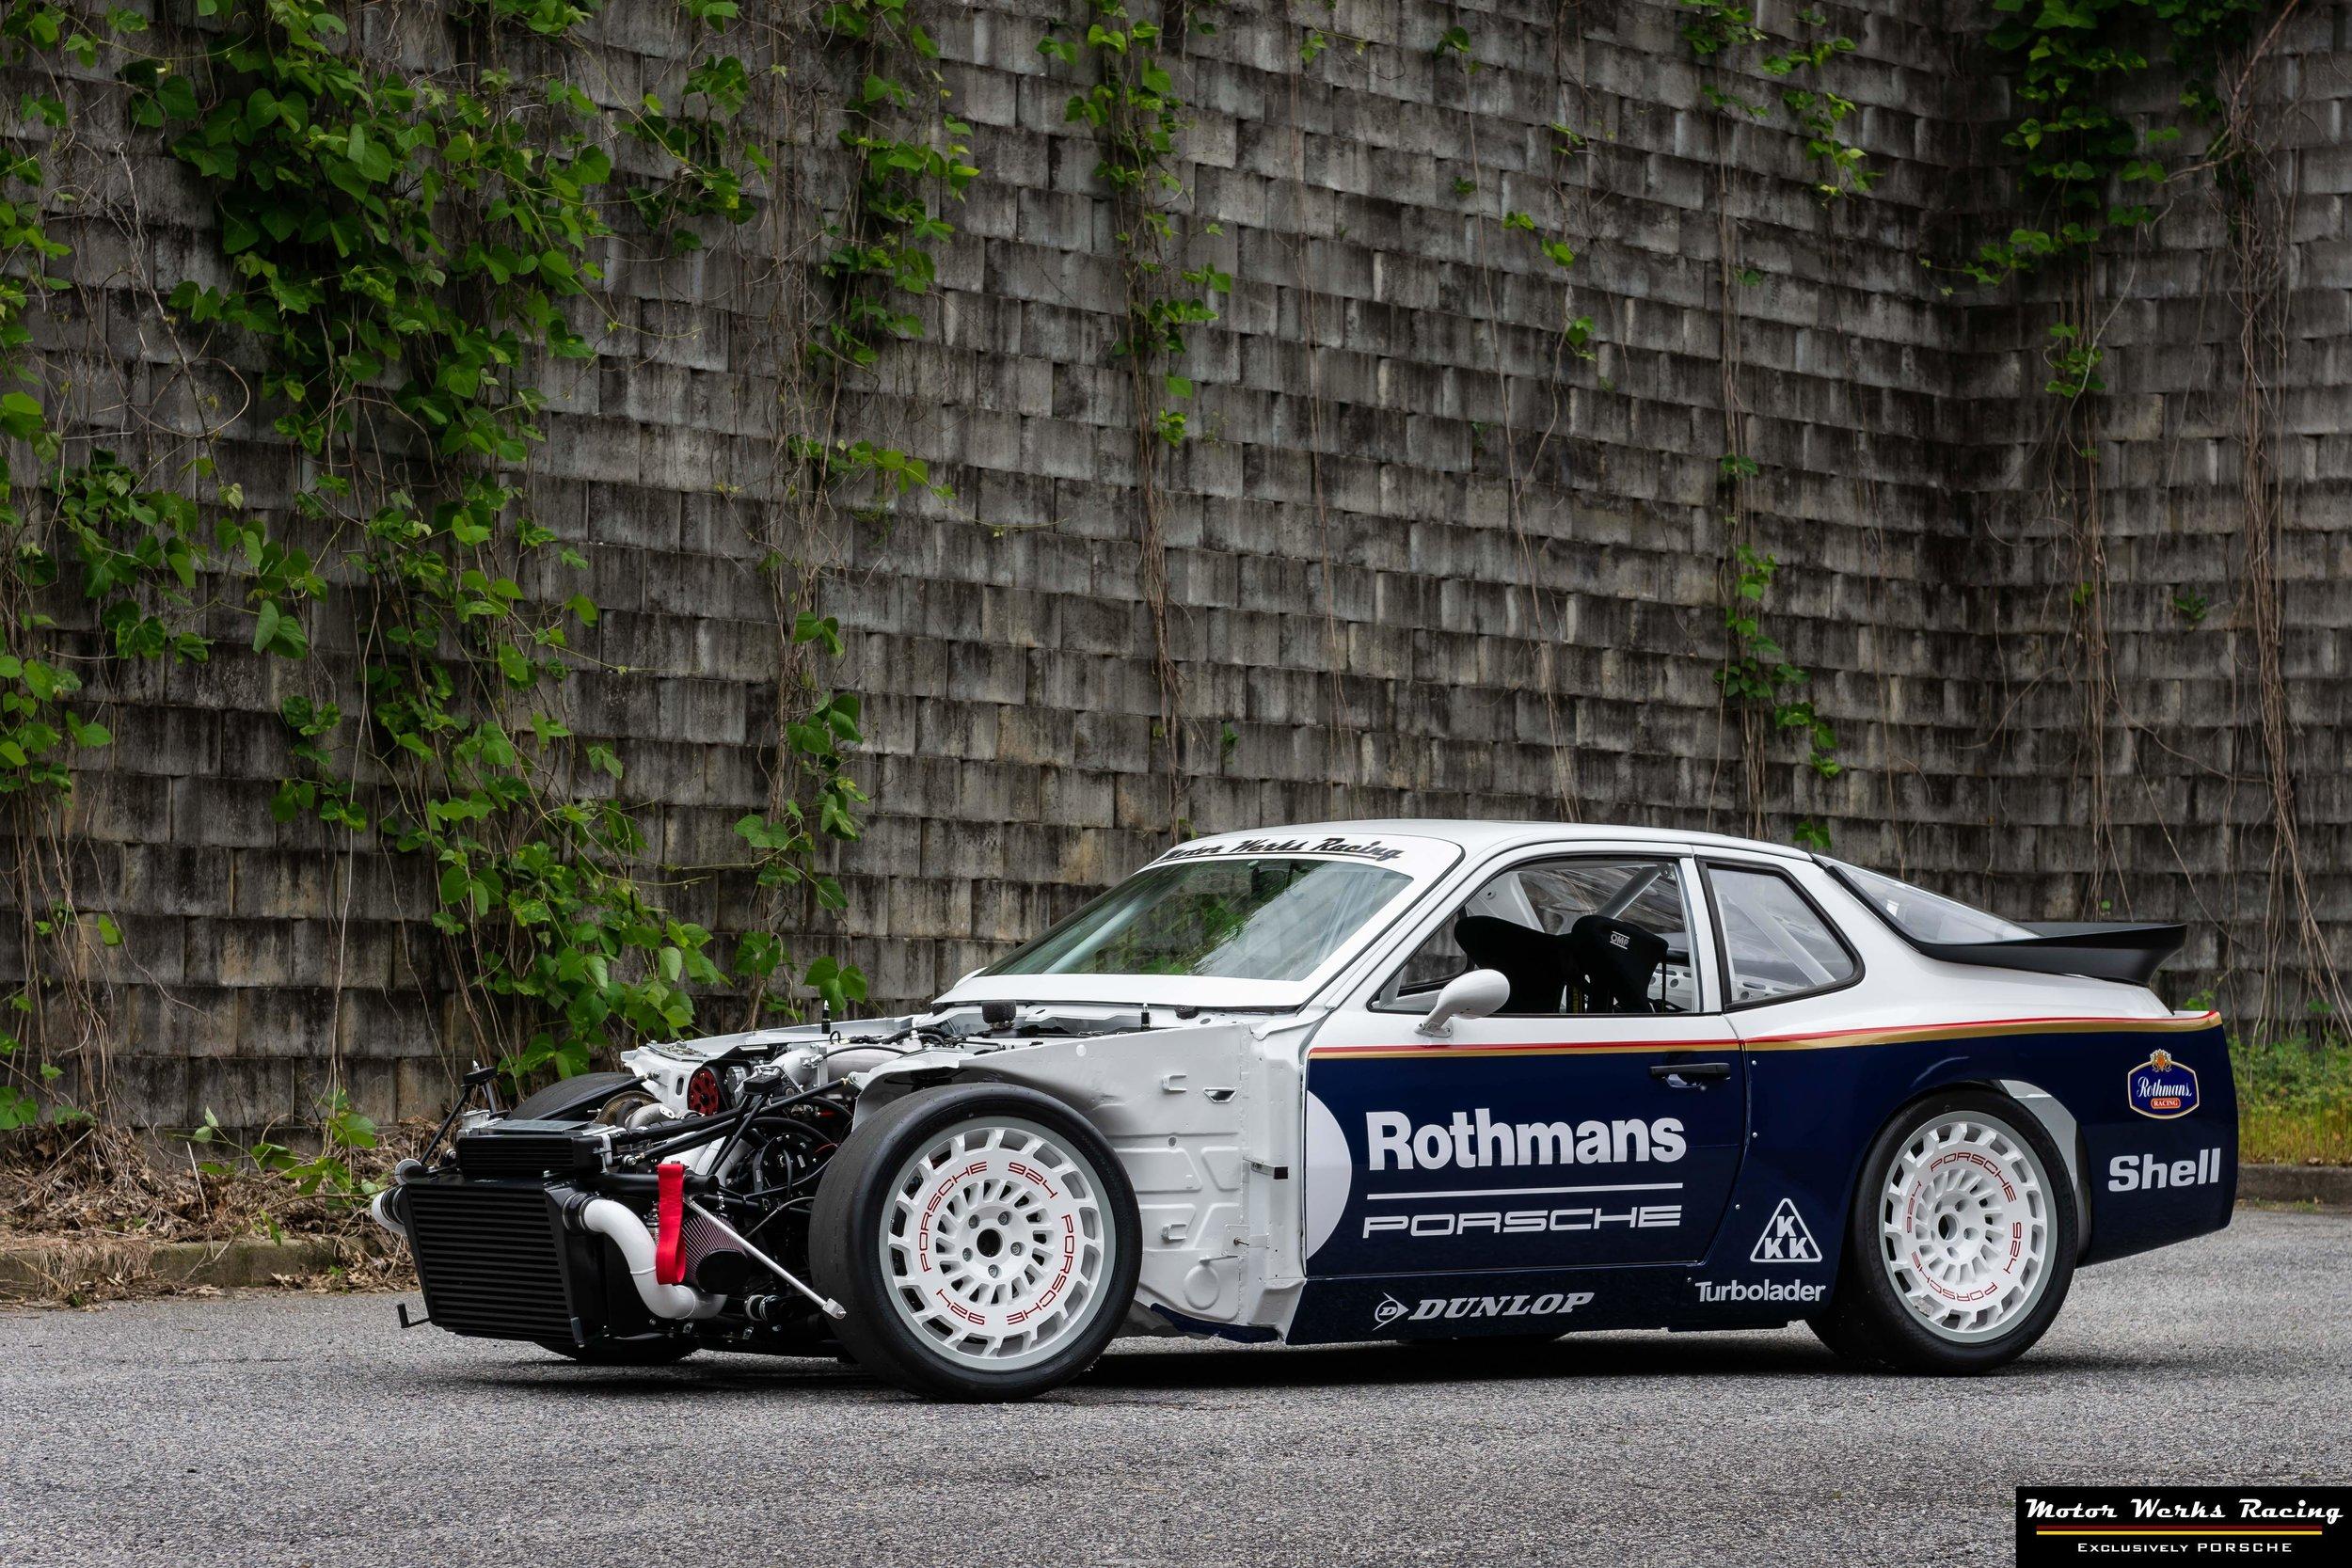 Motor Werks Racing Porsche Custom Builds